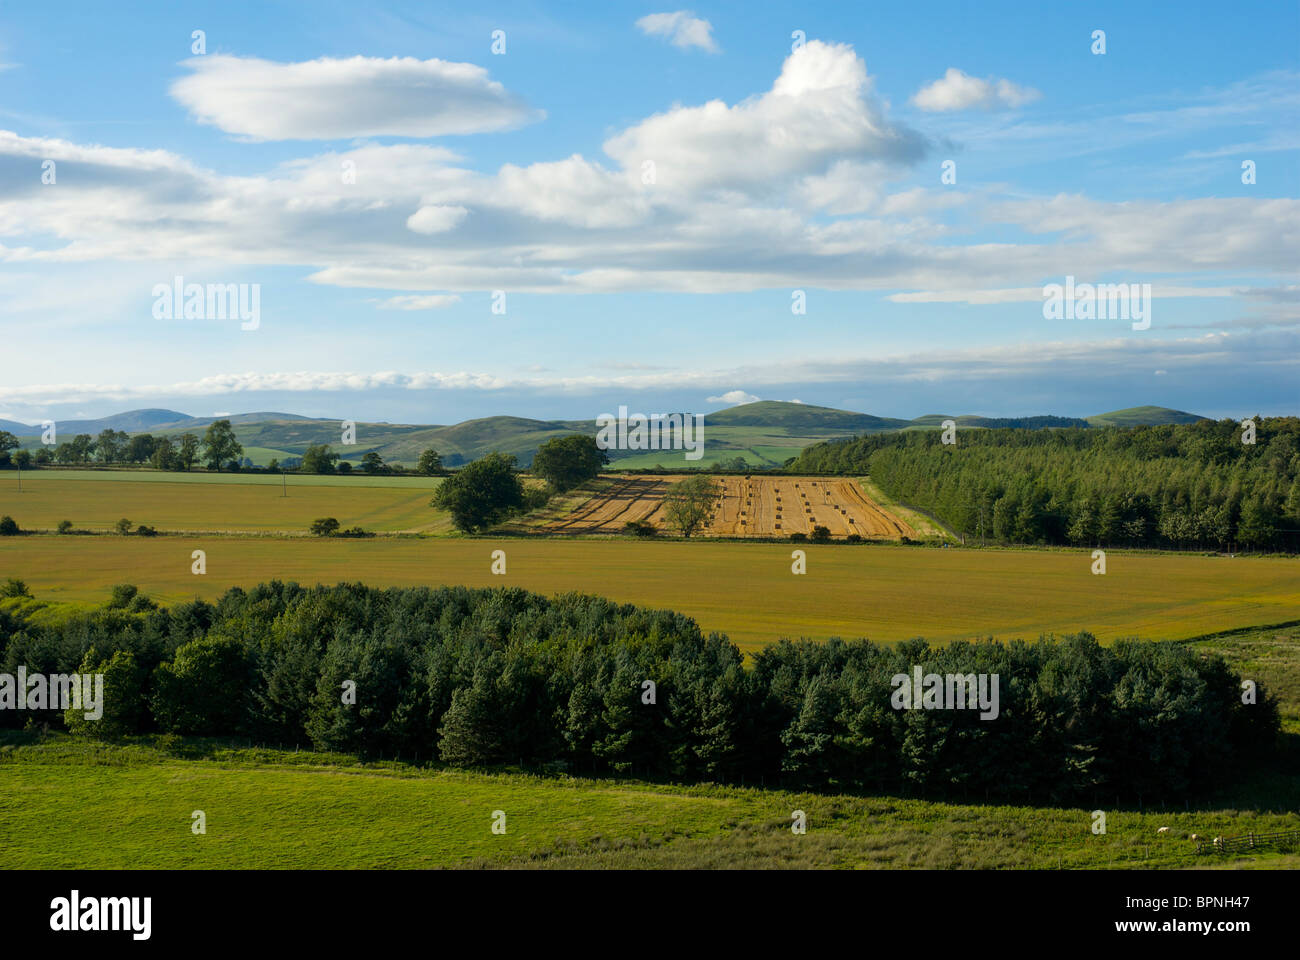 Hayfield near Kirk Yetholm, Scottish Borders, Scotland, UK - Stock Image